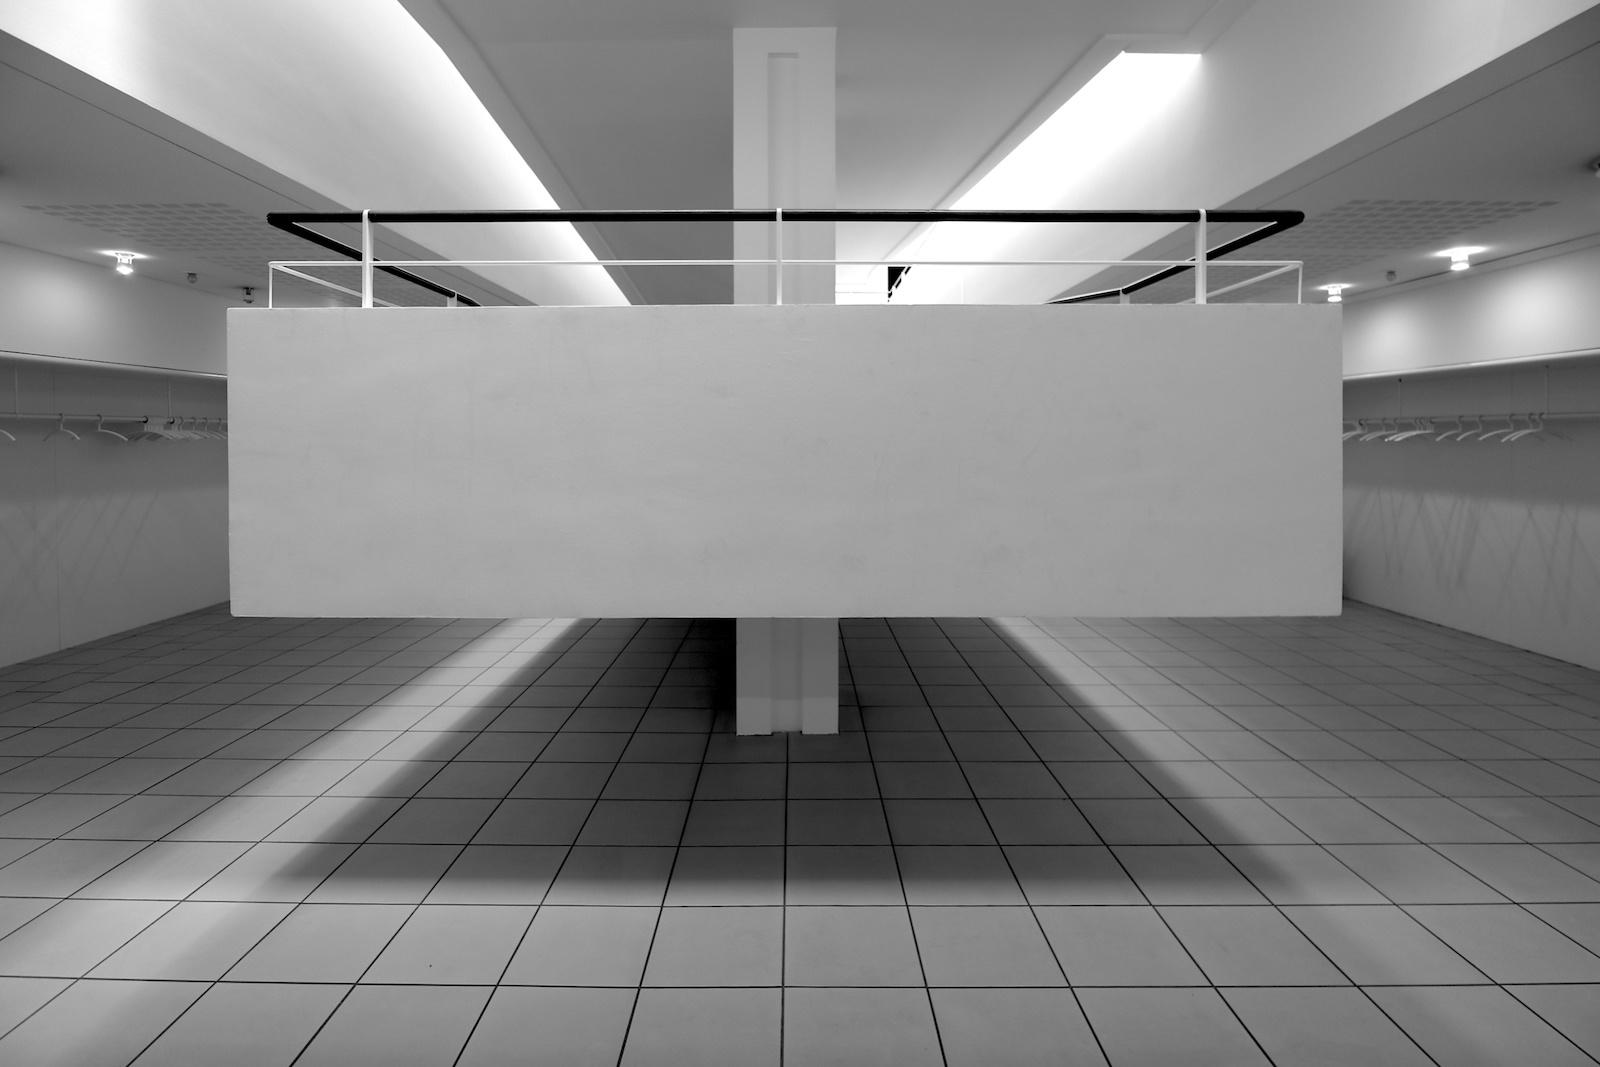 Gustav-Lübcke-Museum. Die Rampe ist ein wichtiges Merkmal, ähnlich wie im Kunstmuseum Bochum, das die dänischen Architekten Anfang der 1980er-Jahre planten.